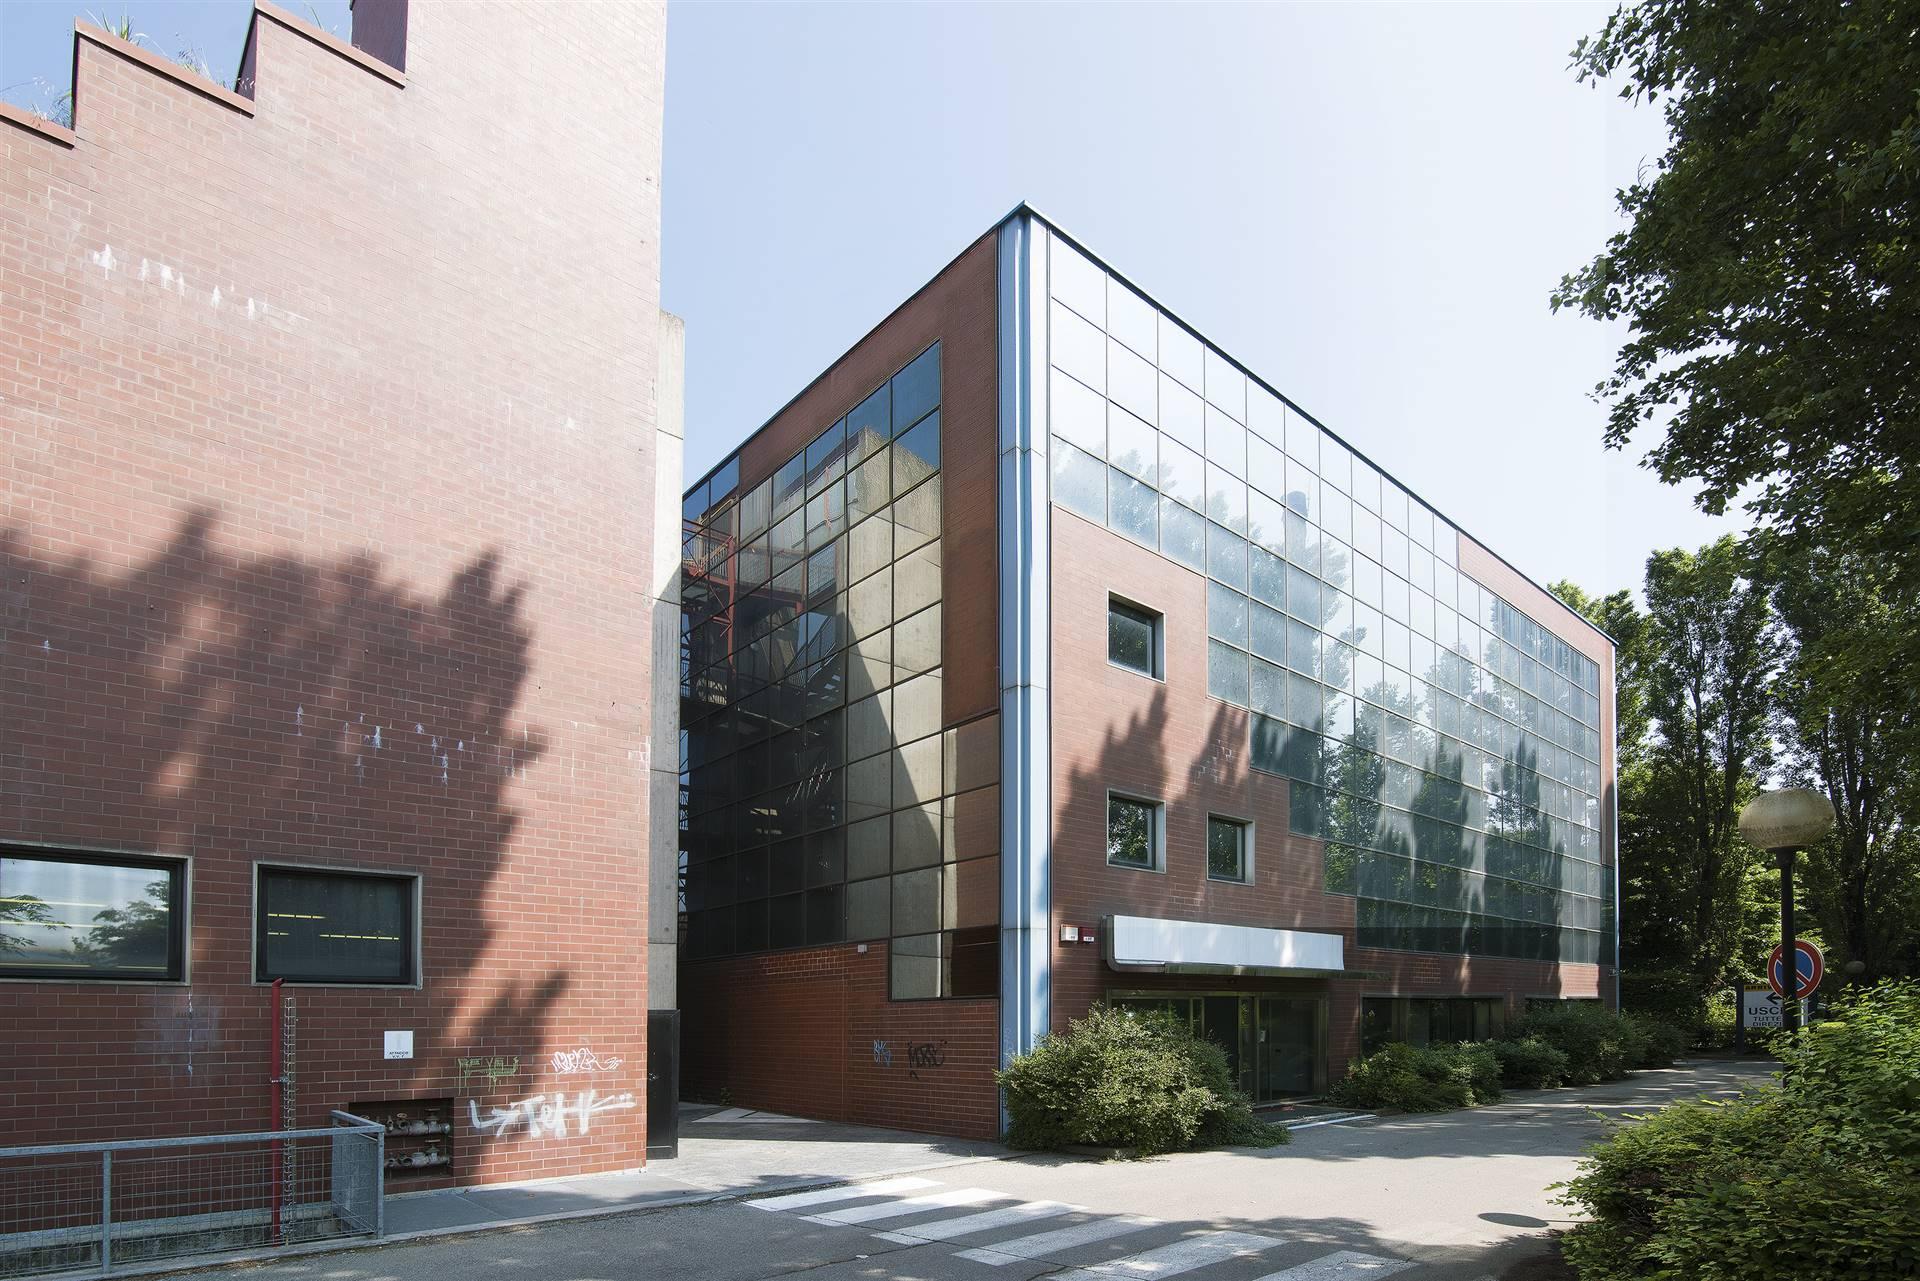 Ufficio / Studio in vendita a Gessate, 9999 locali, prezzo € 2.100.000 | PortaleAgenzieImmobiliari.it